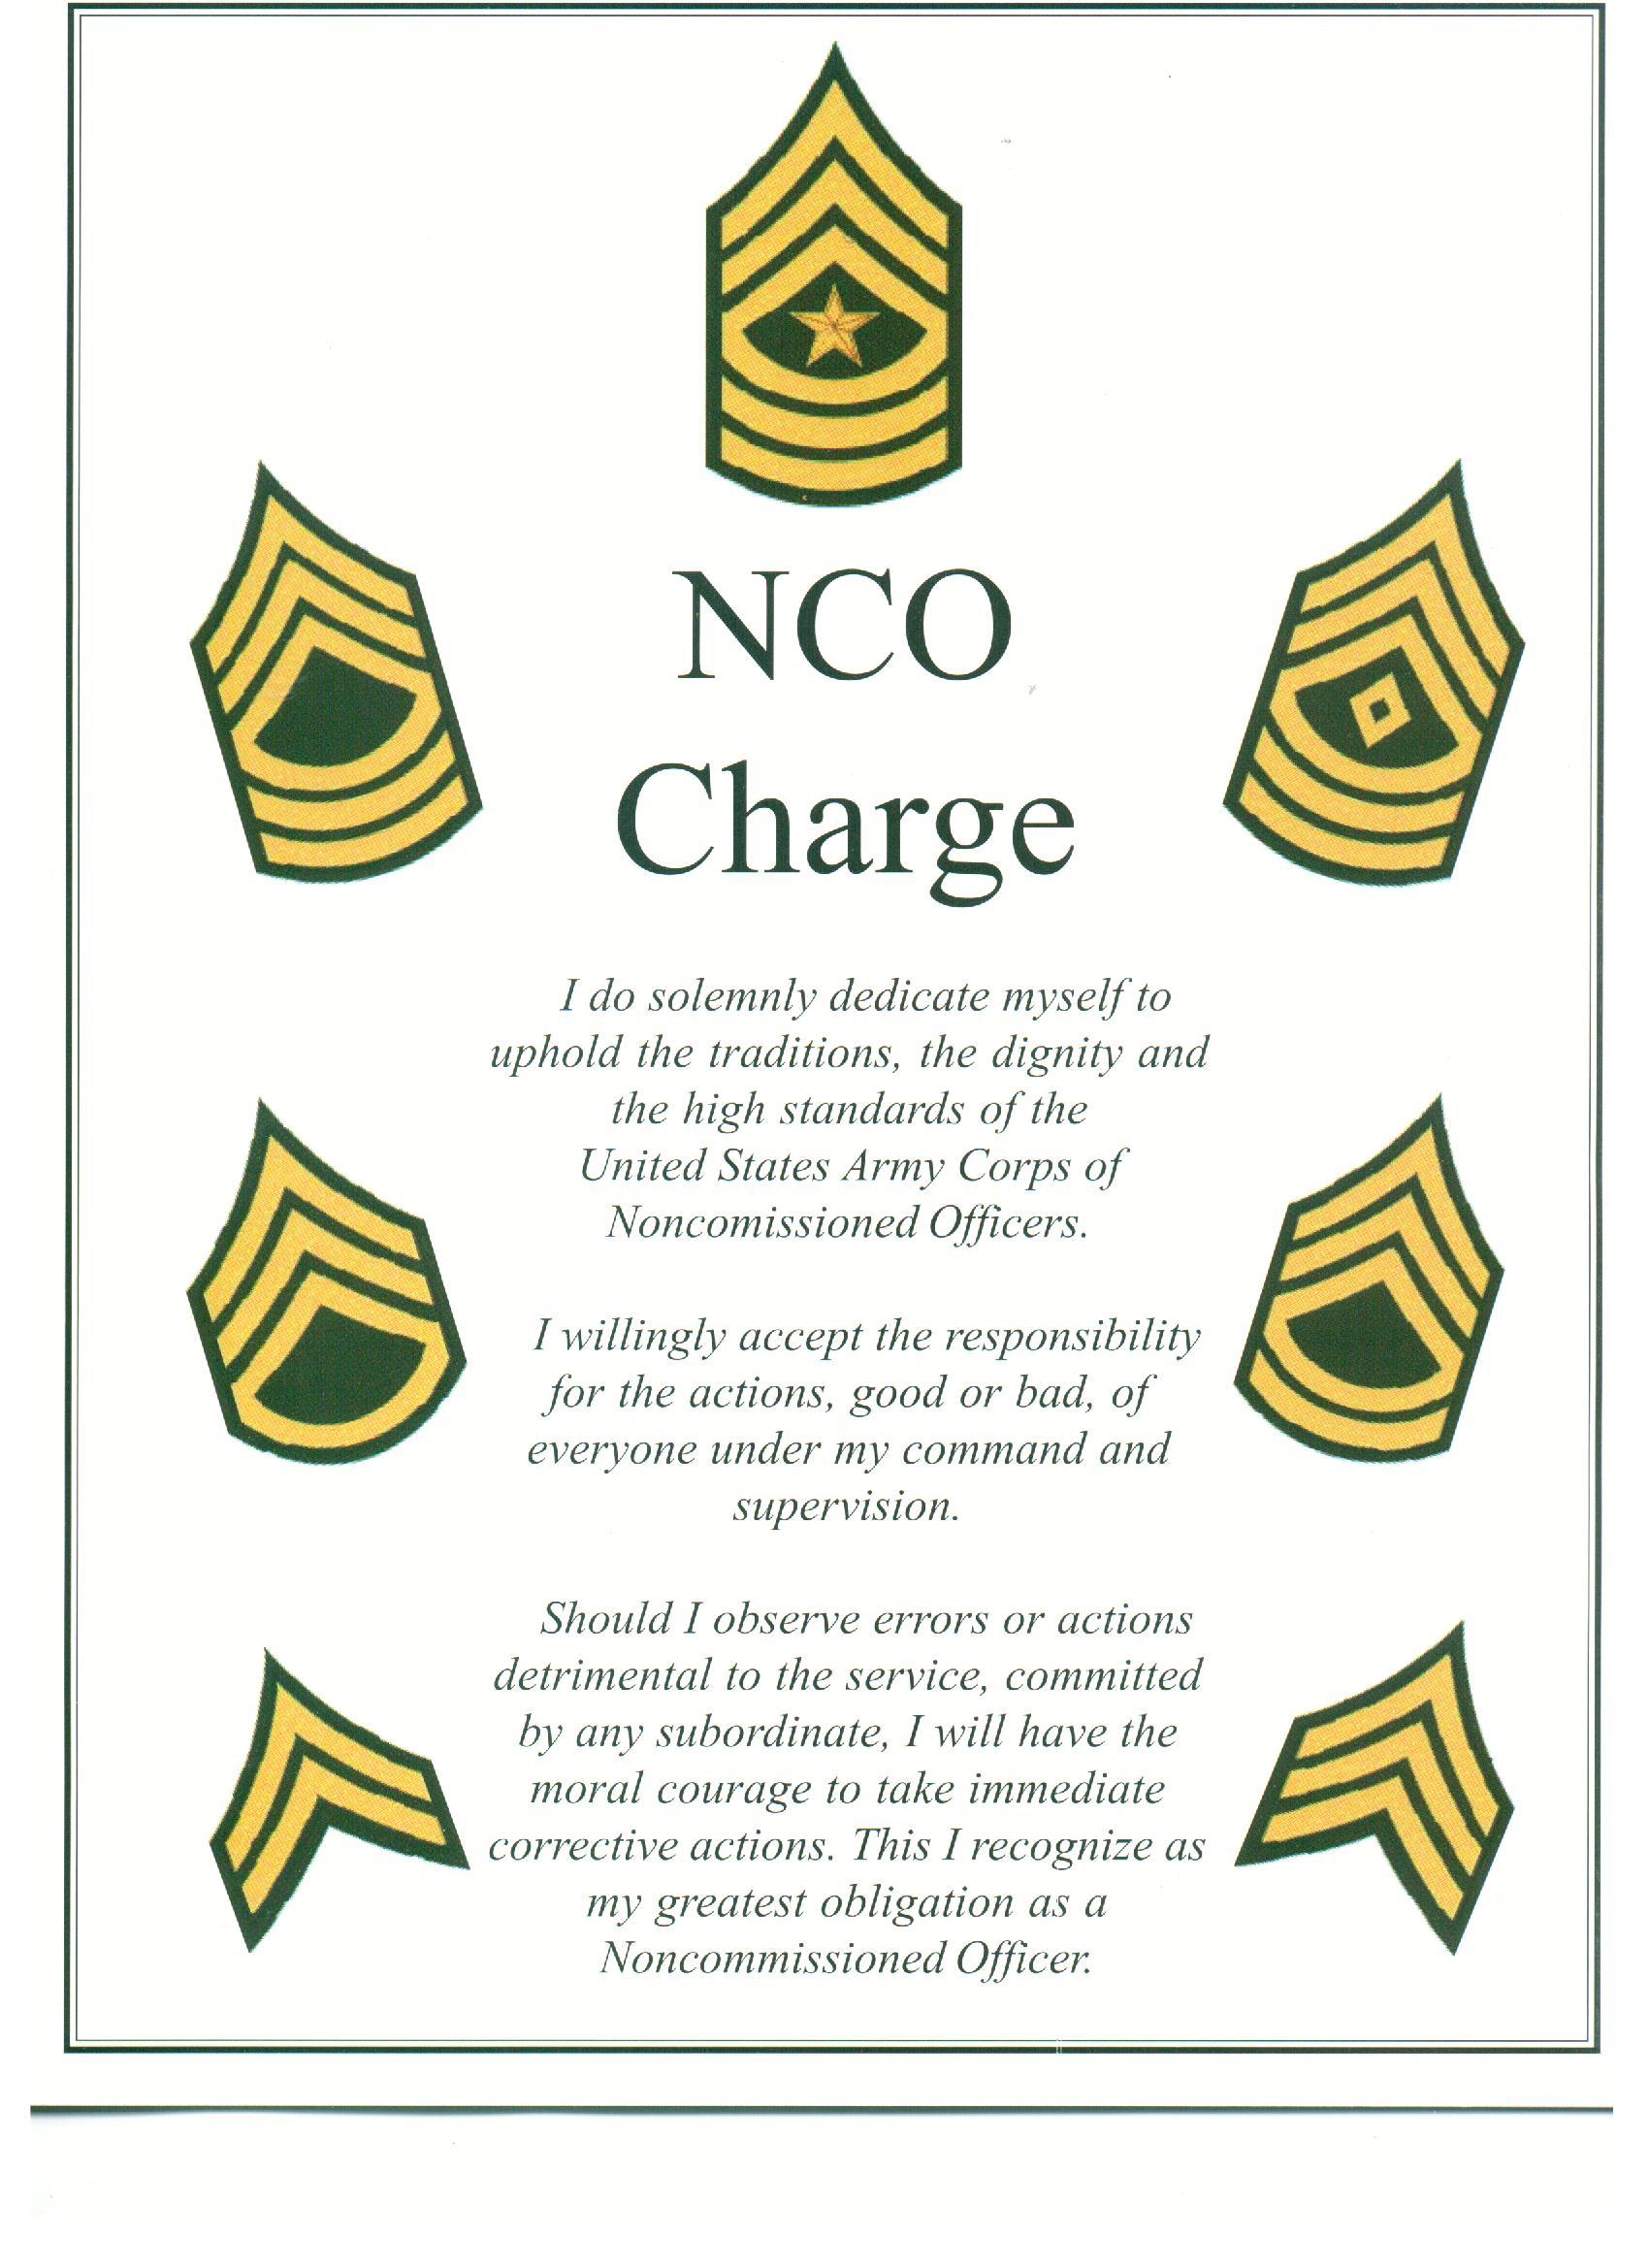 NCO Creed Wallpaper - WallpaperSafari